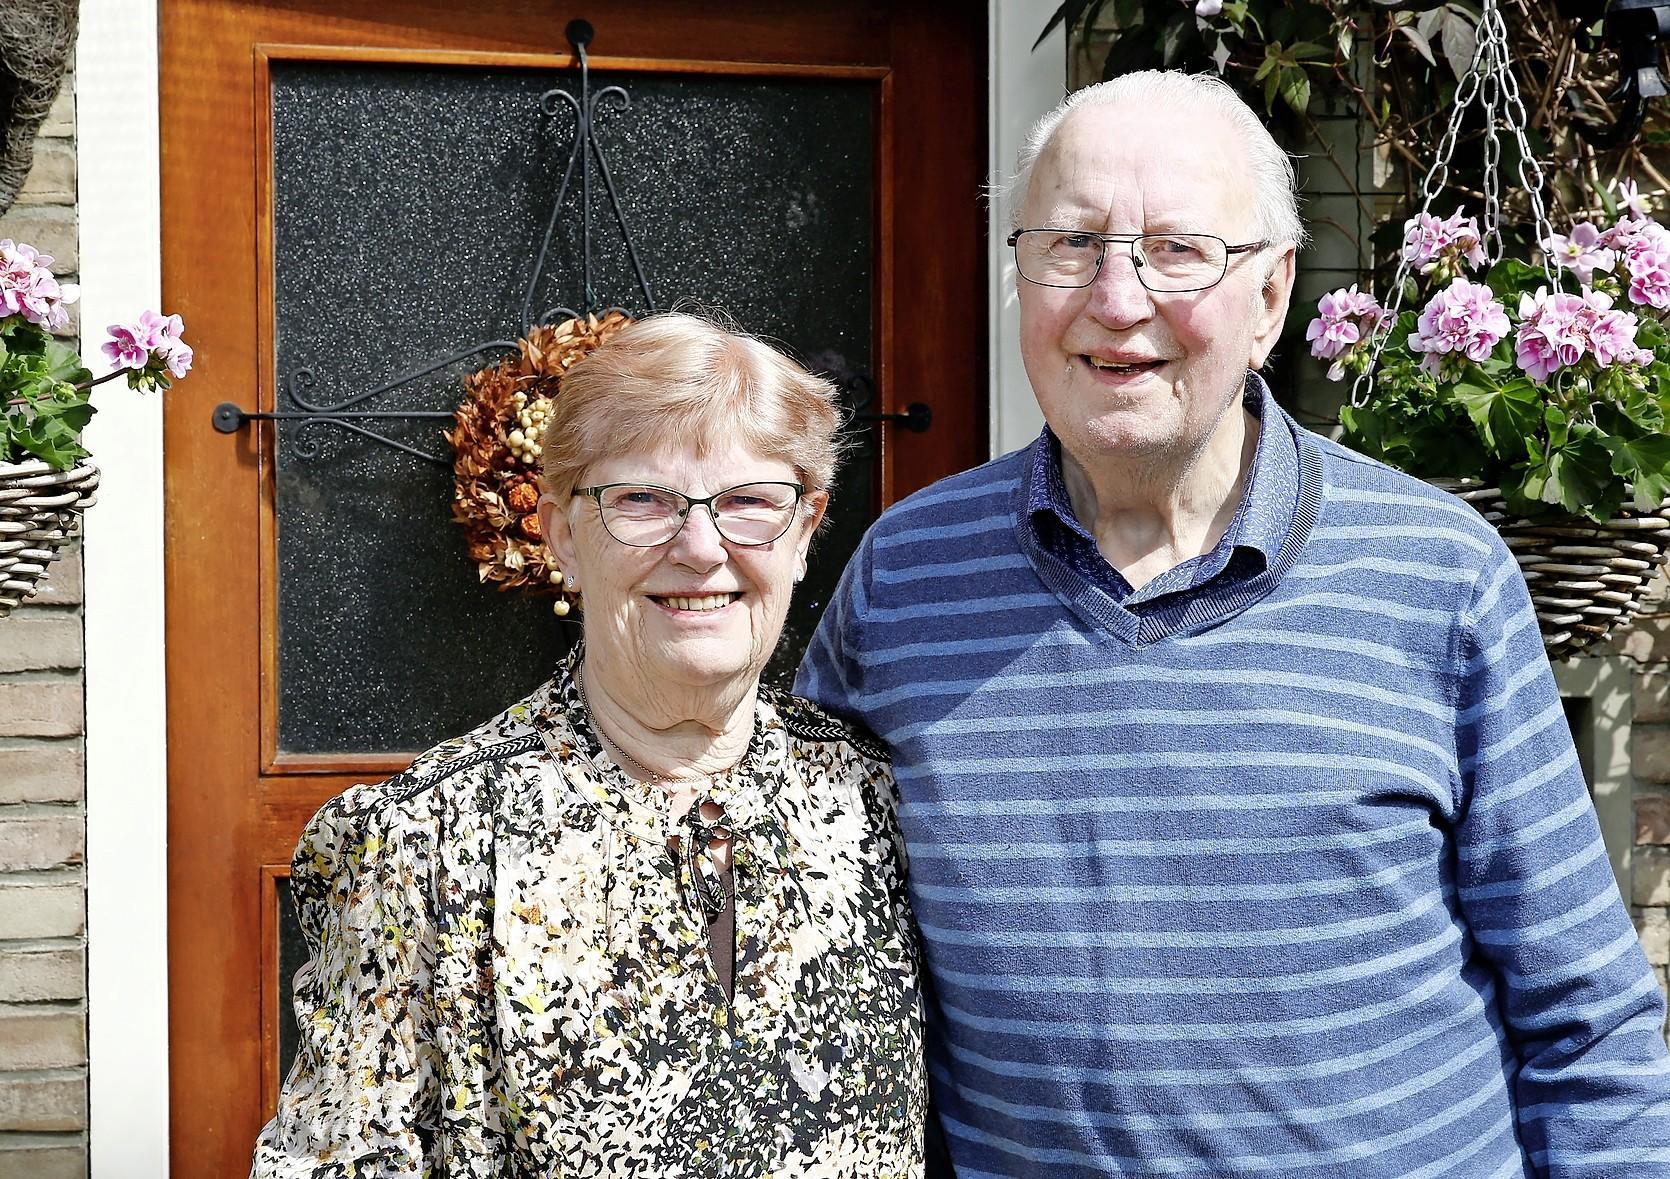 Bruidegom overleefde operatie ternauwernood, bruiloft van diamanten paar Diel (85) en Wim (86) Bulters uit Laren hing aan zijden draadje.'De afgelopen 60 jaar zijn omgevlogen'